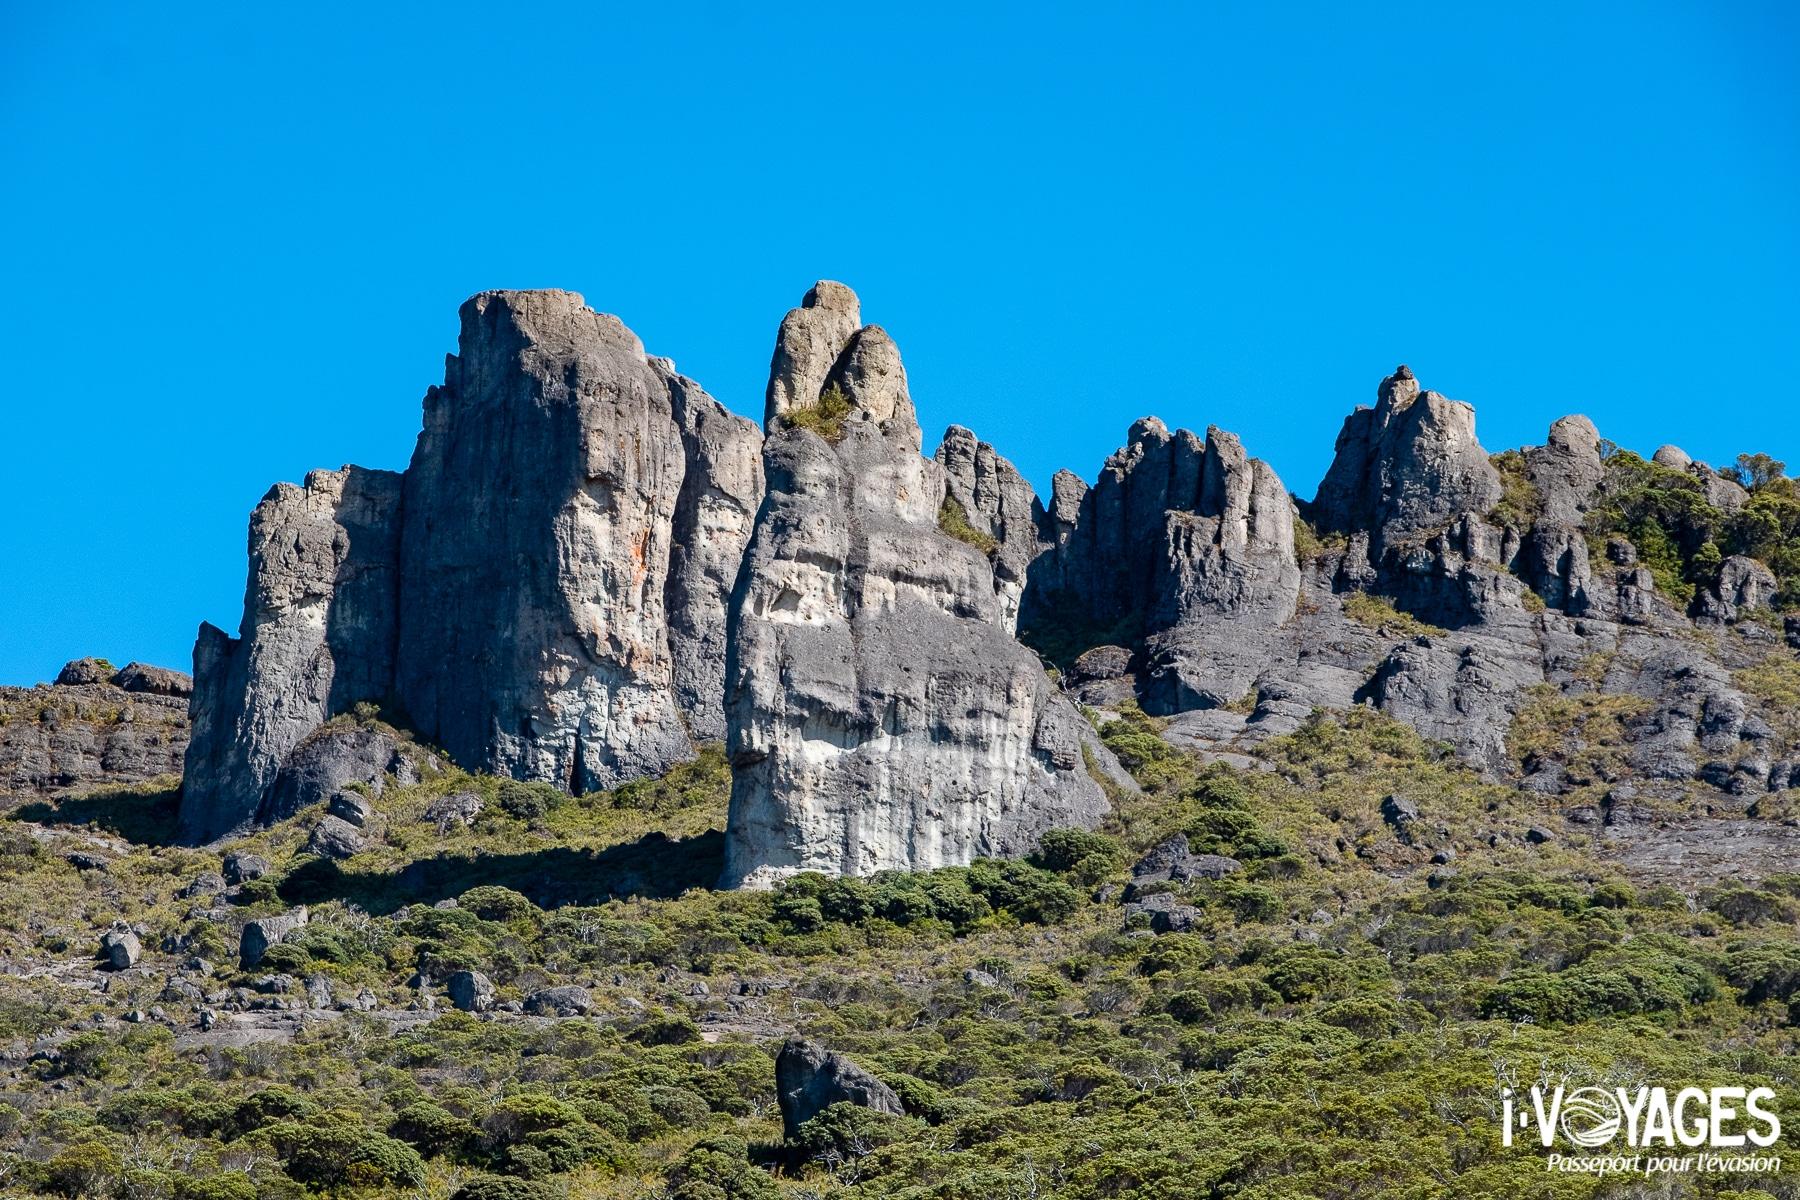 Le trek du Cerro Chirripo, 10 expériences nature à vivre au Costa Rica